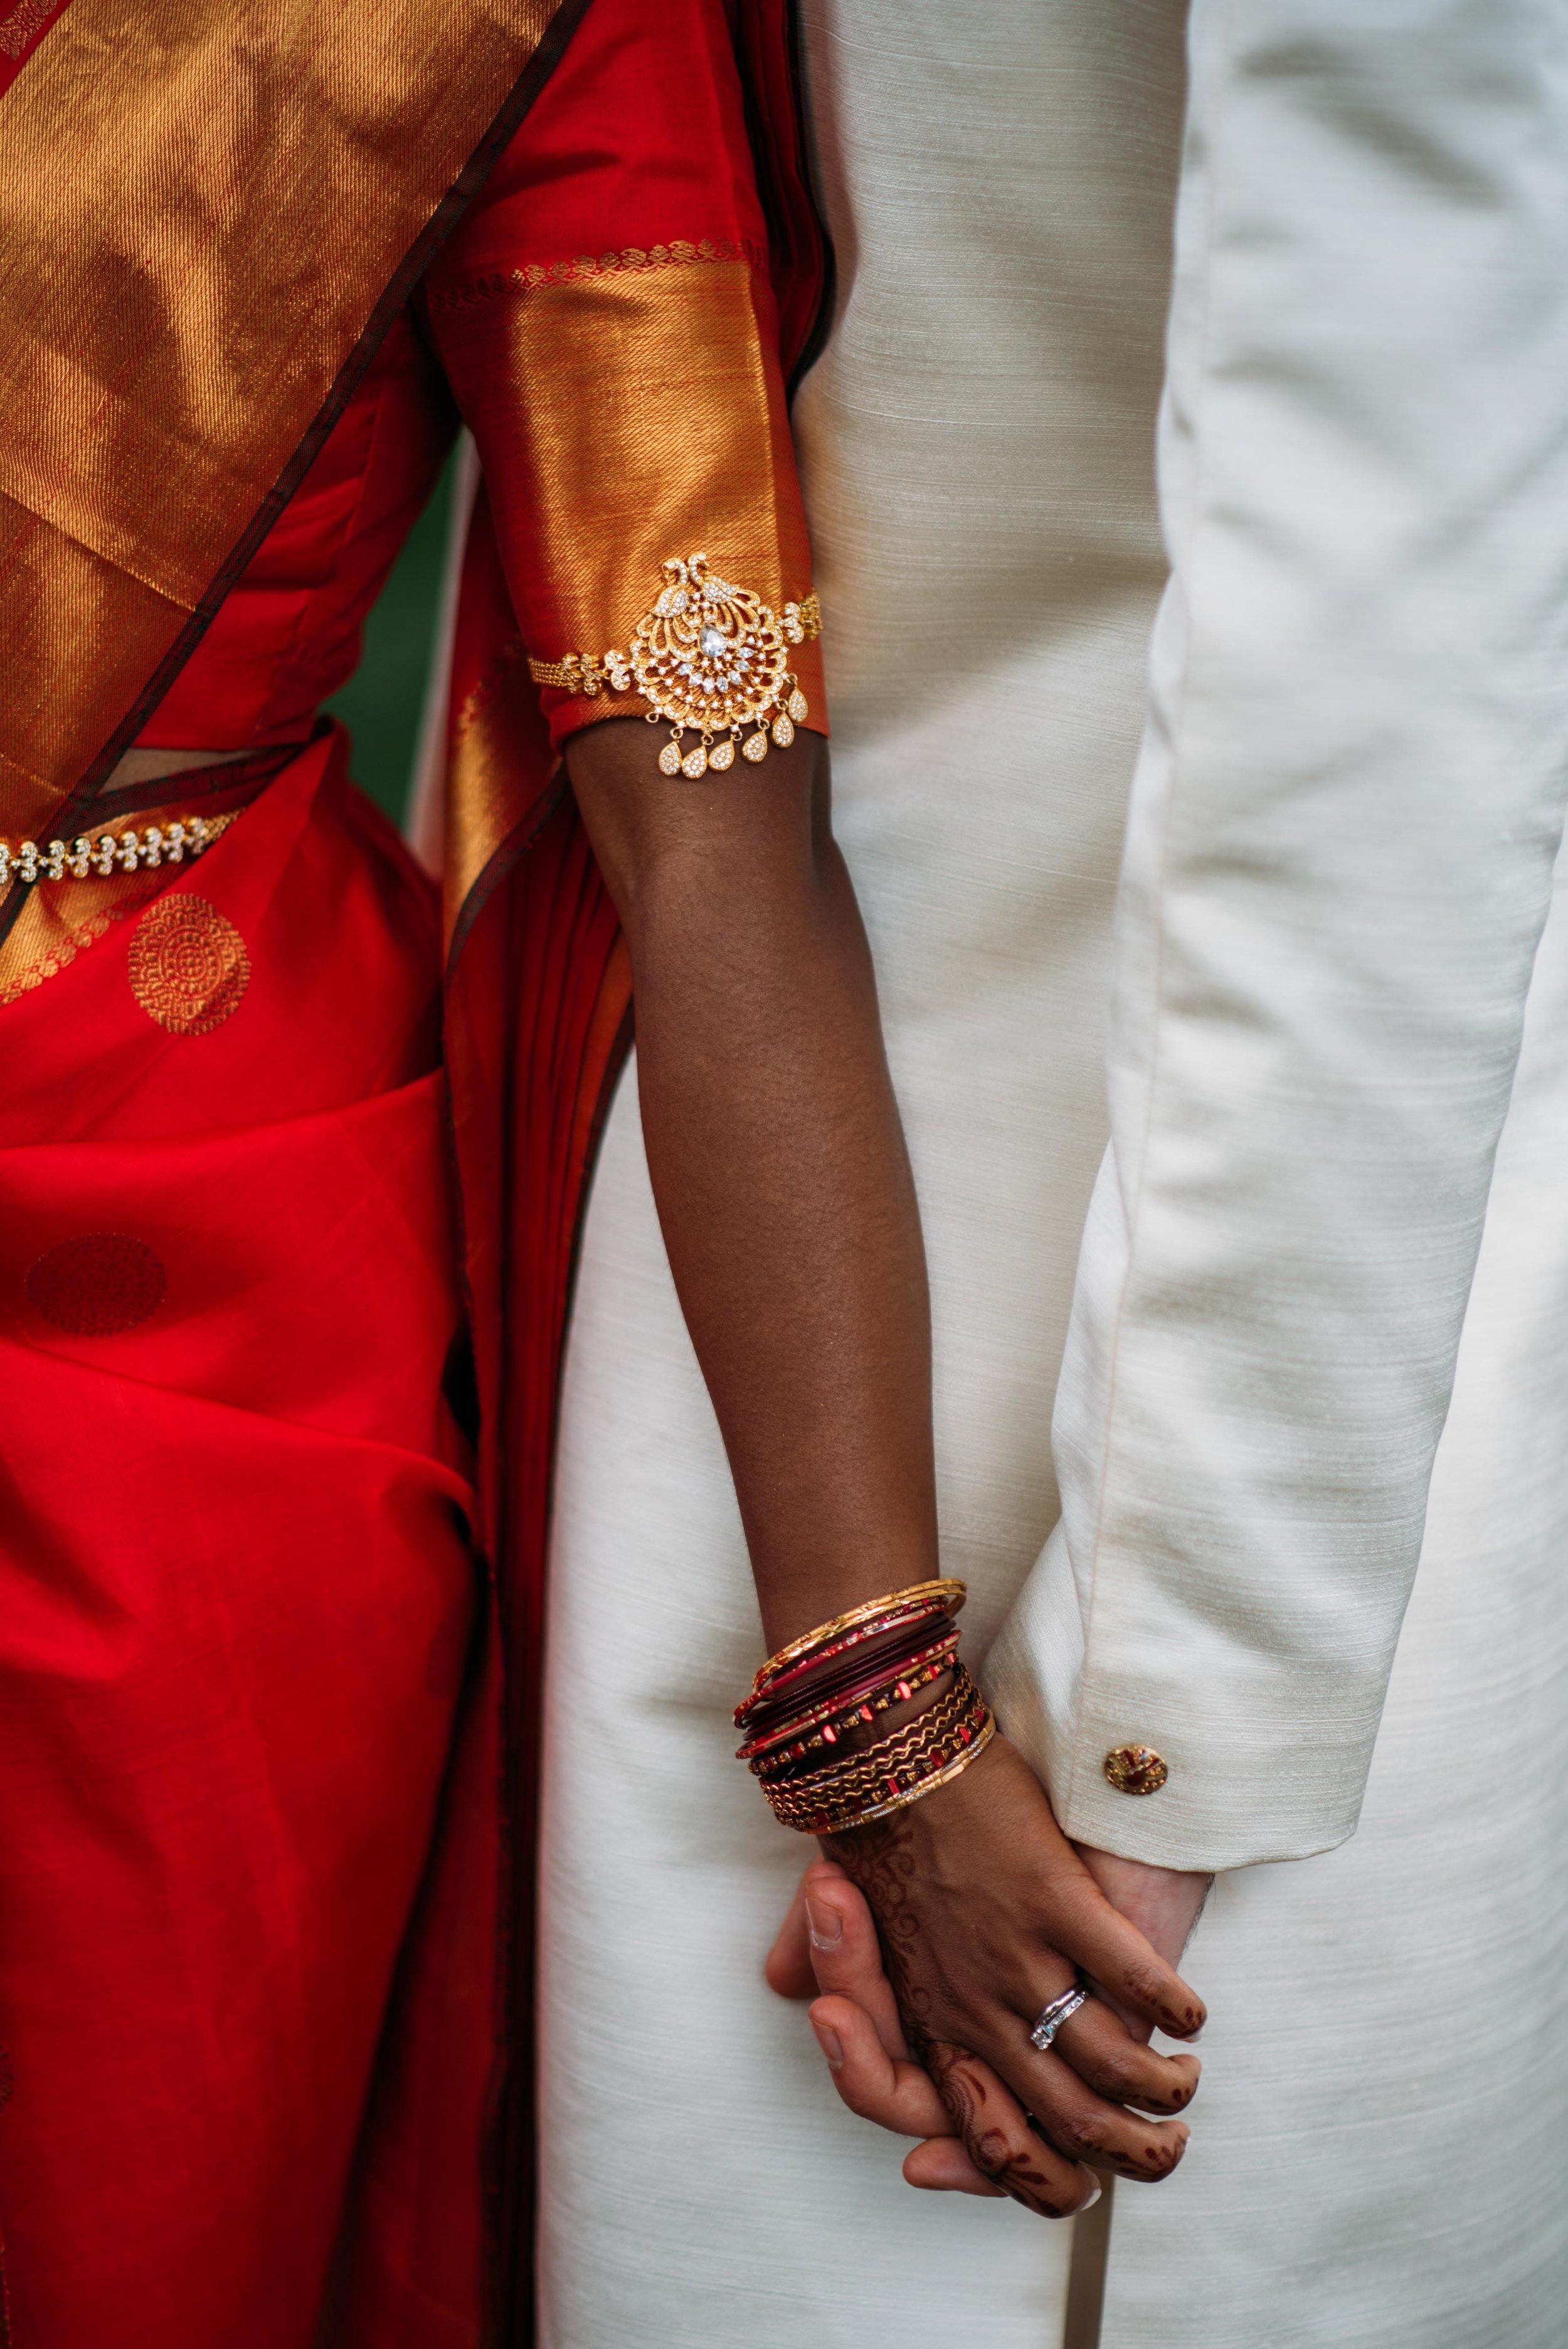 Hindu wedding photography with soundslikeyellowphotography at the Sringeri Vidya Bharati Foundation